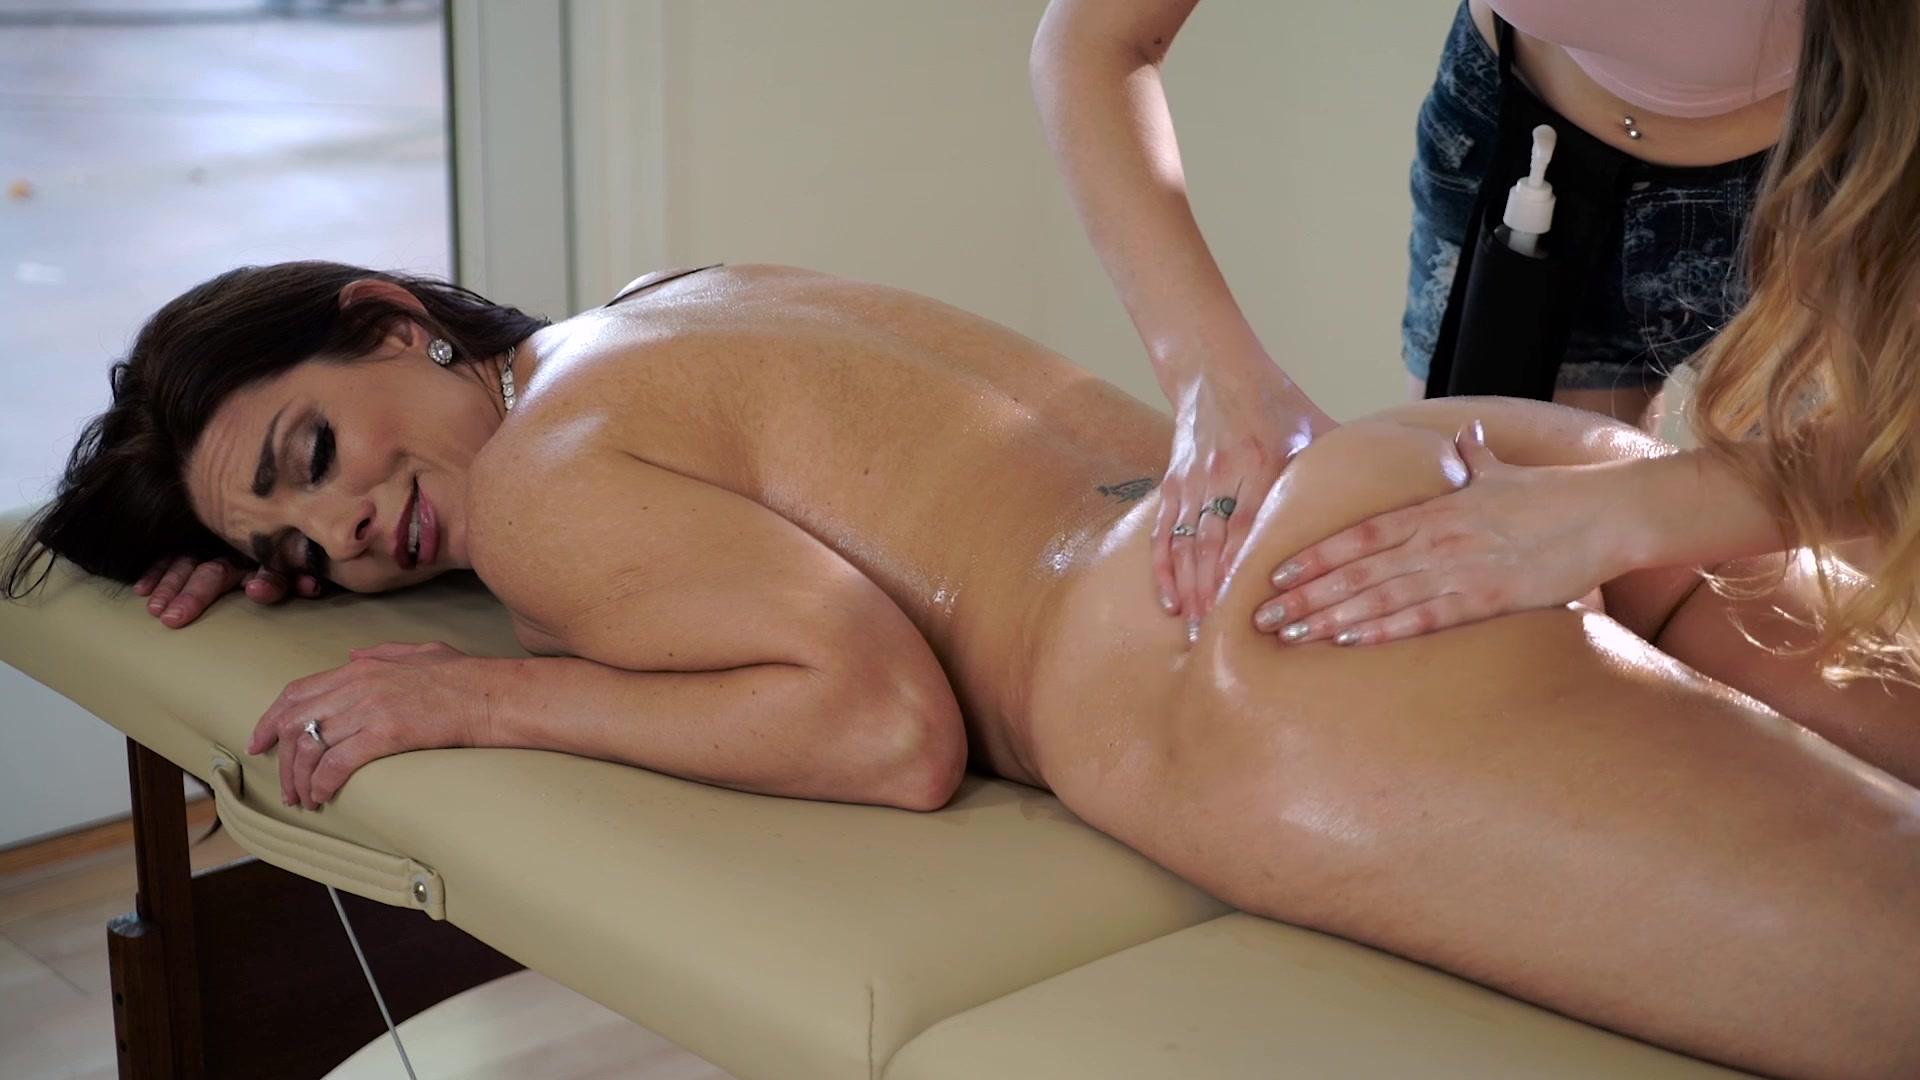 Эротический массаже на дому, Эротический массаж с выездом на дом в Москве 22 фотография